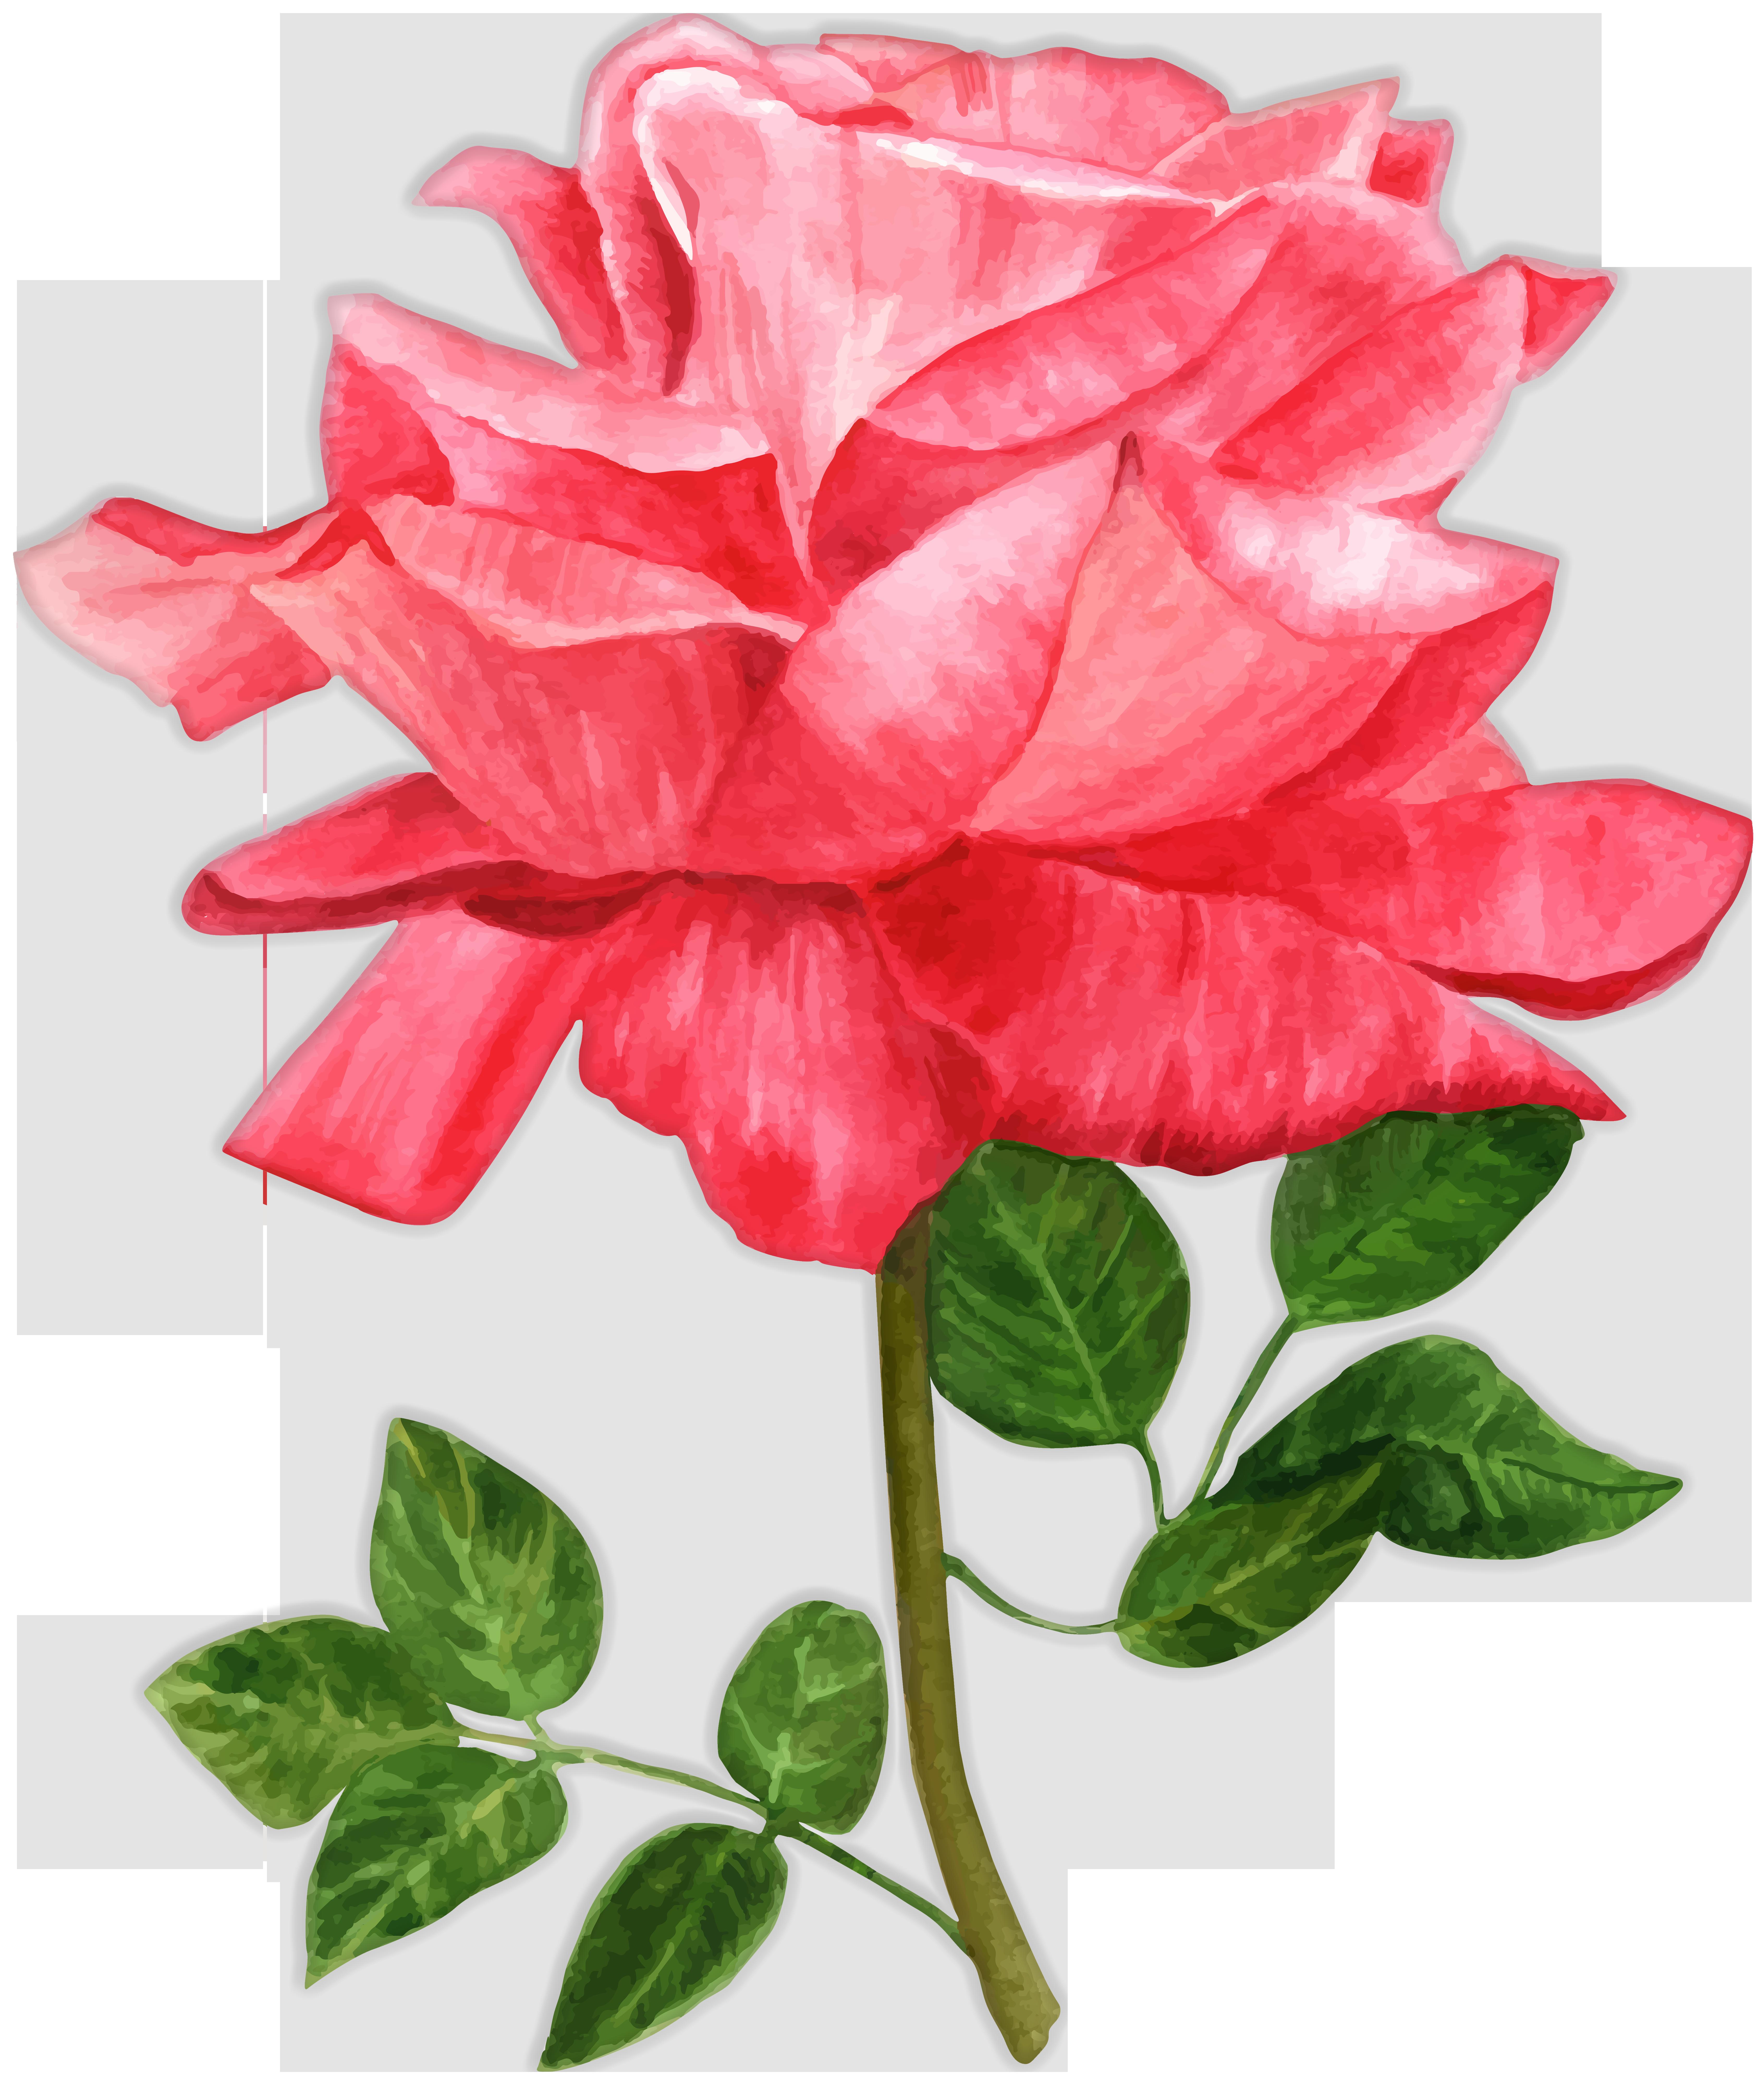 Watercolor Rose PNG Clip Art Image.